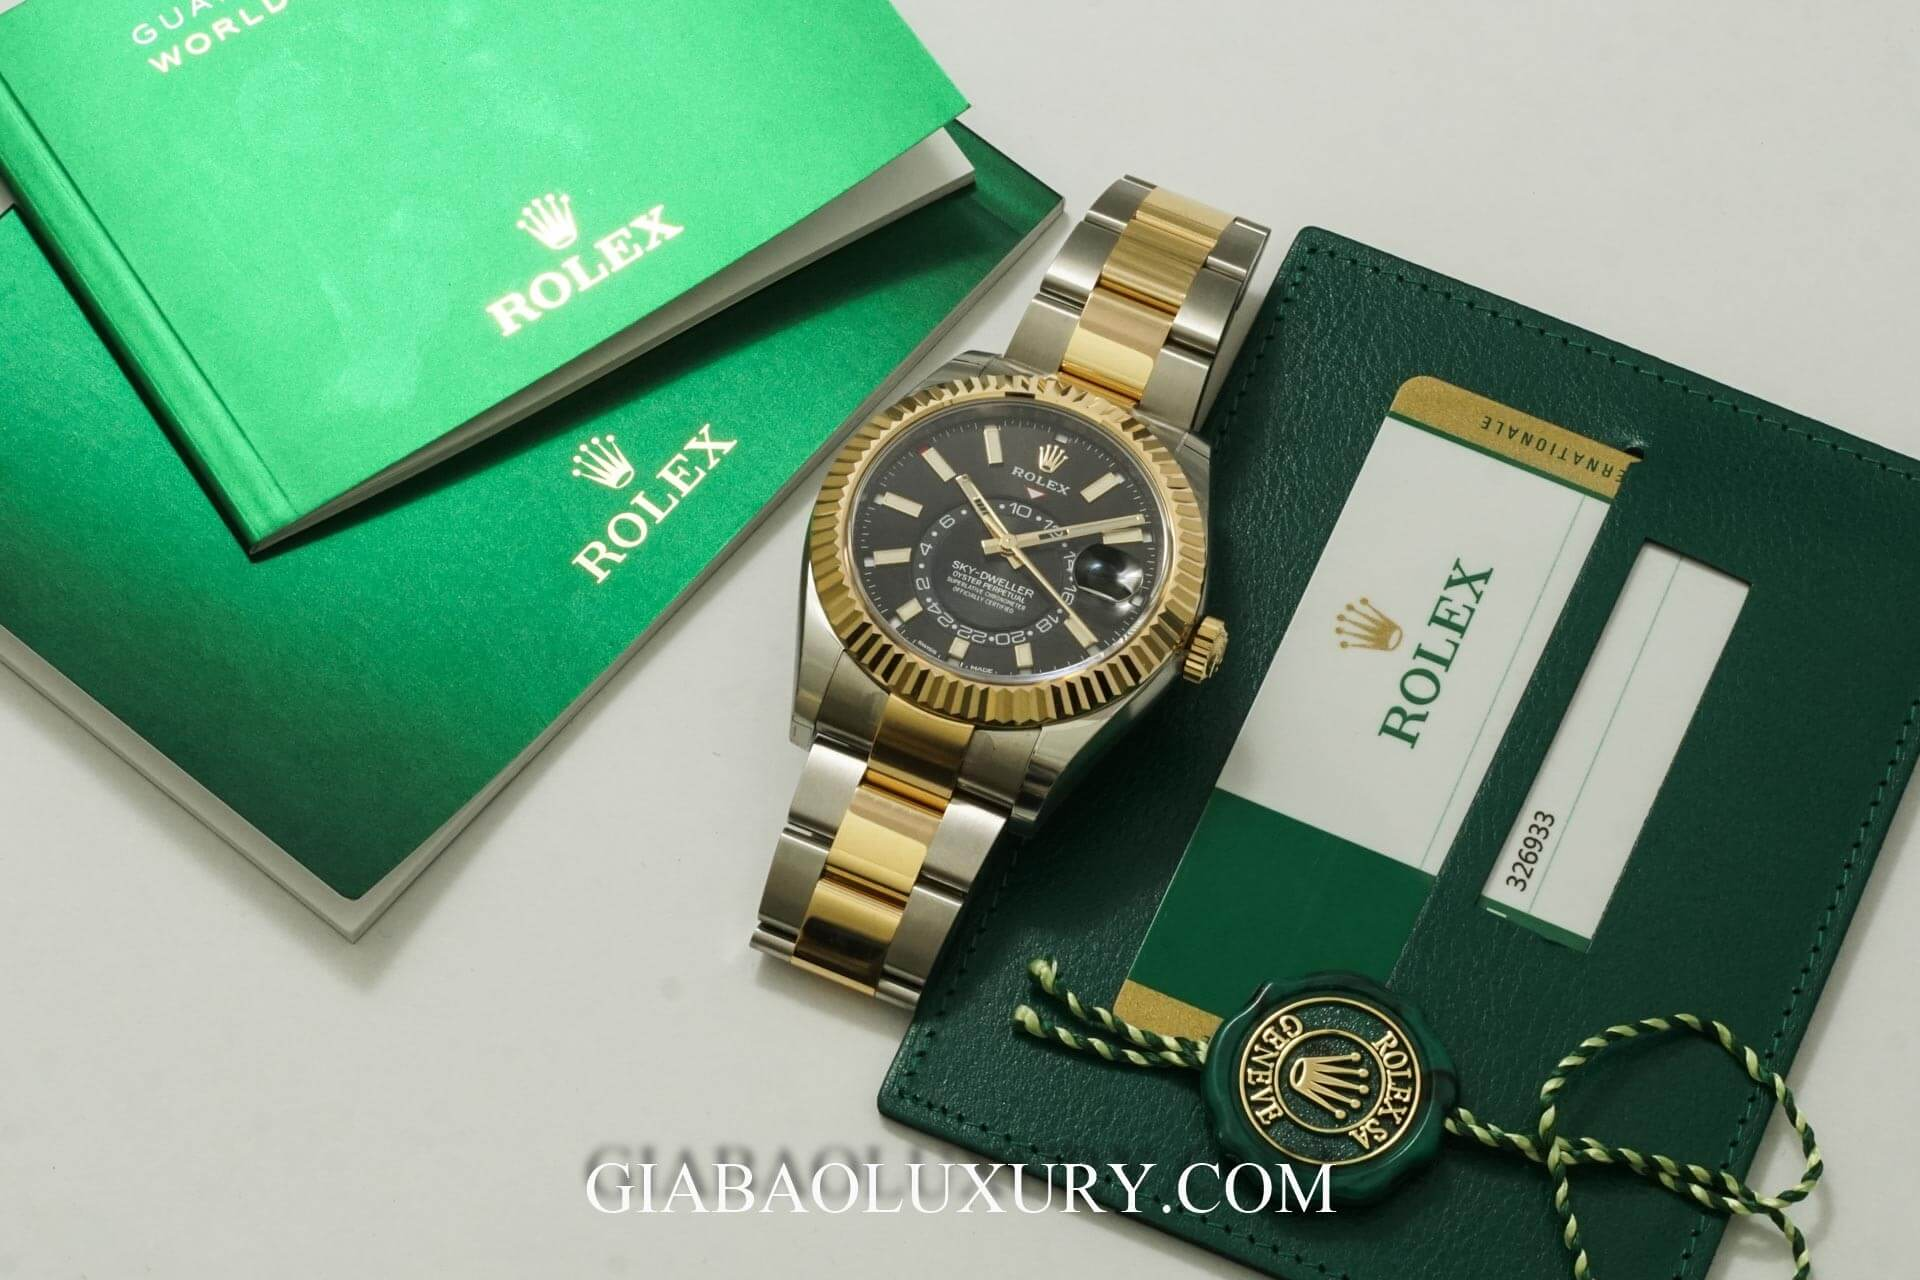 Gia Bảo Luxury cung cấp đồng hồ Rolex cao cấp chính hãng hàng đầu Việt Nam